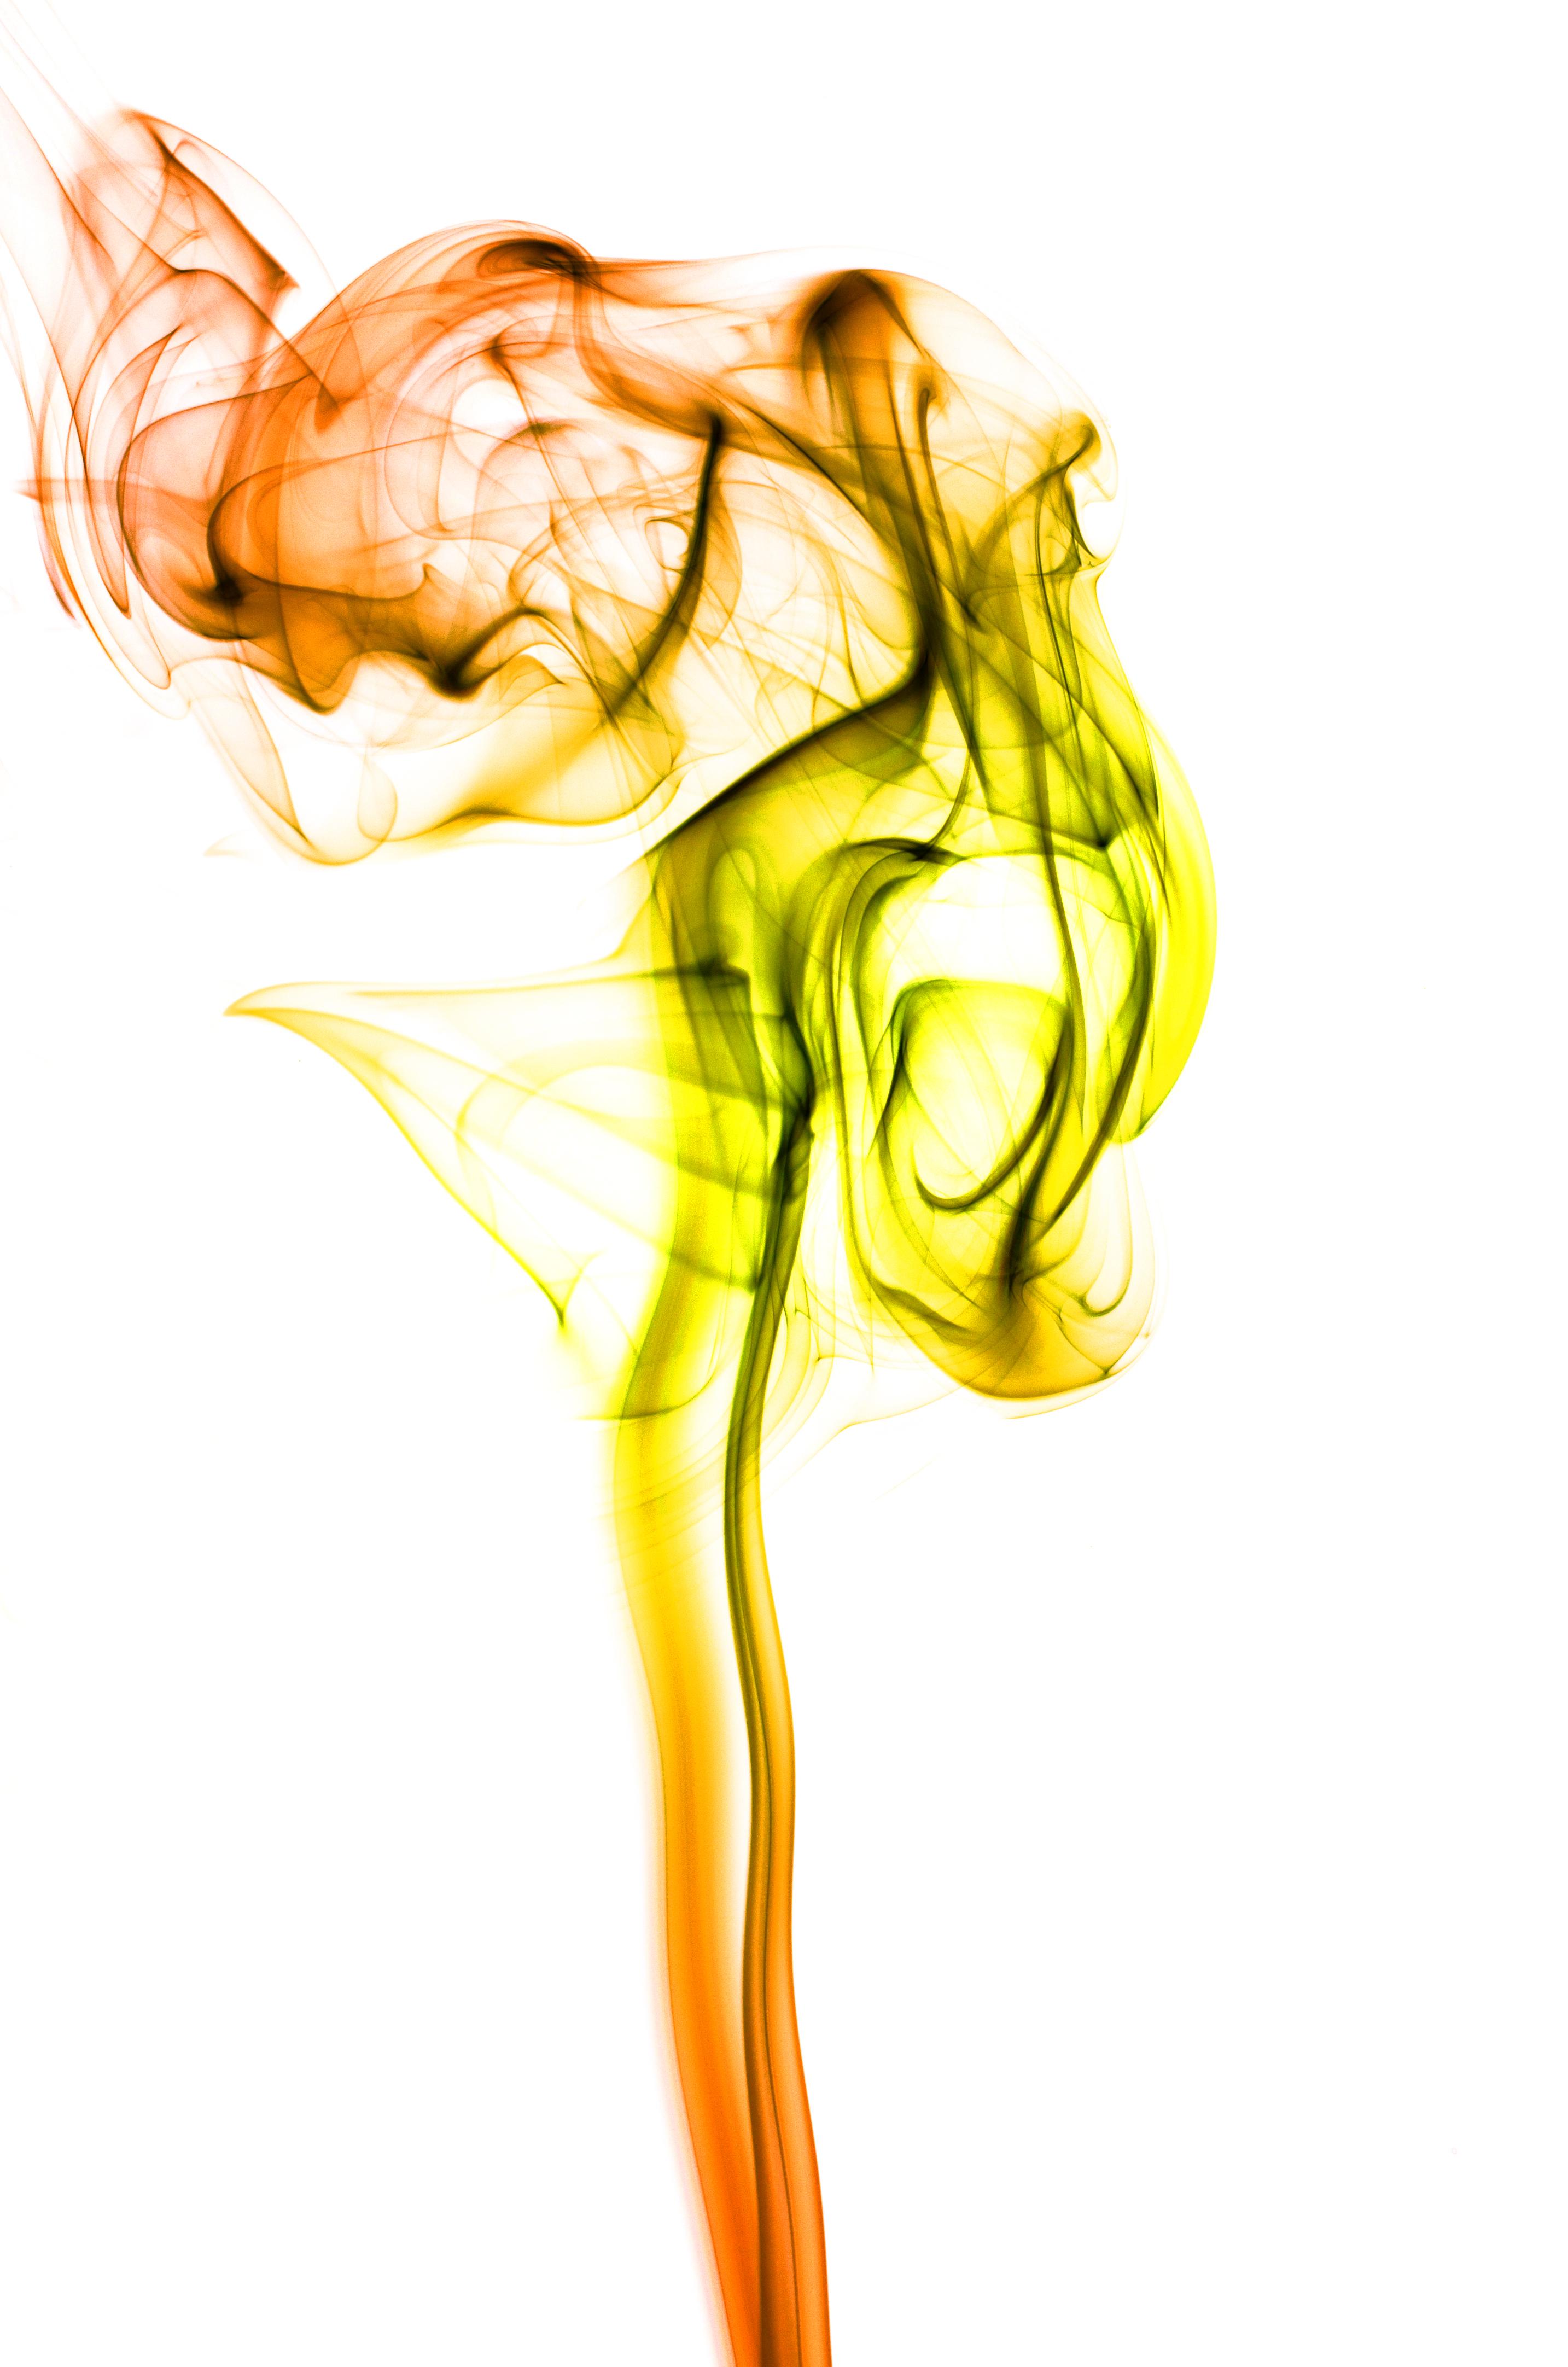 Gambar Tangan Abstrak Merokok Jeruk Hijau Merah Warna Makro